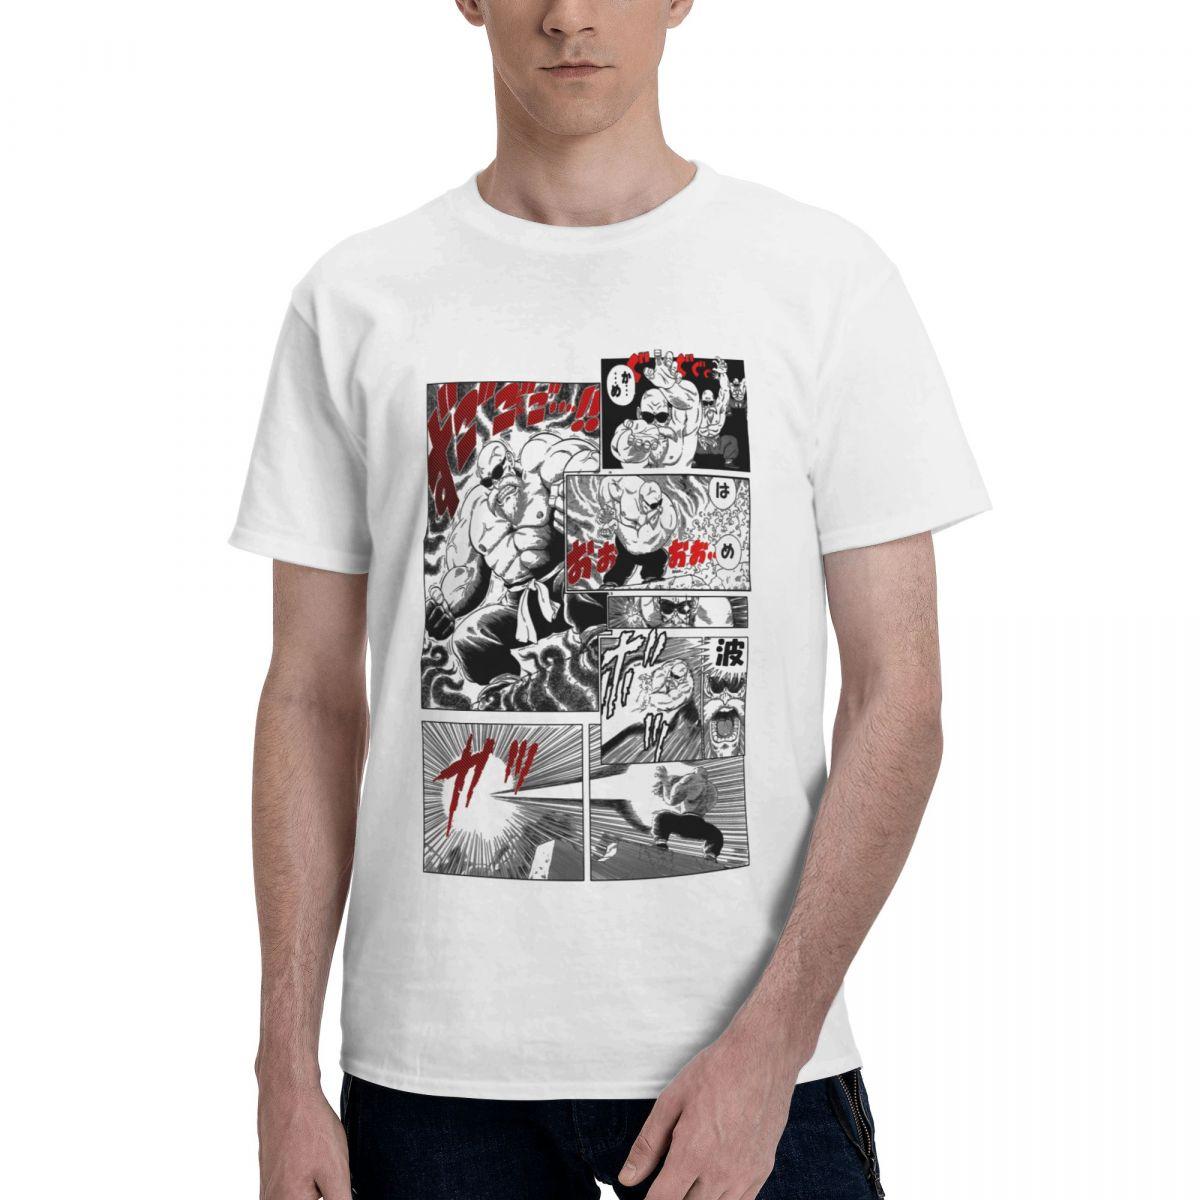 كام Sennin بانداي لعبة دراغون بول الرجال تي شيرت أنيمي خمر تيز قصيرة الأكمام مستديرة الرقبة تي شيرت 100% القطن ملابس مطبوعة